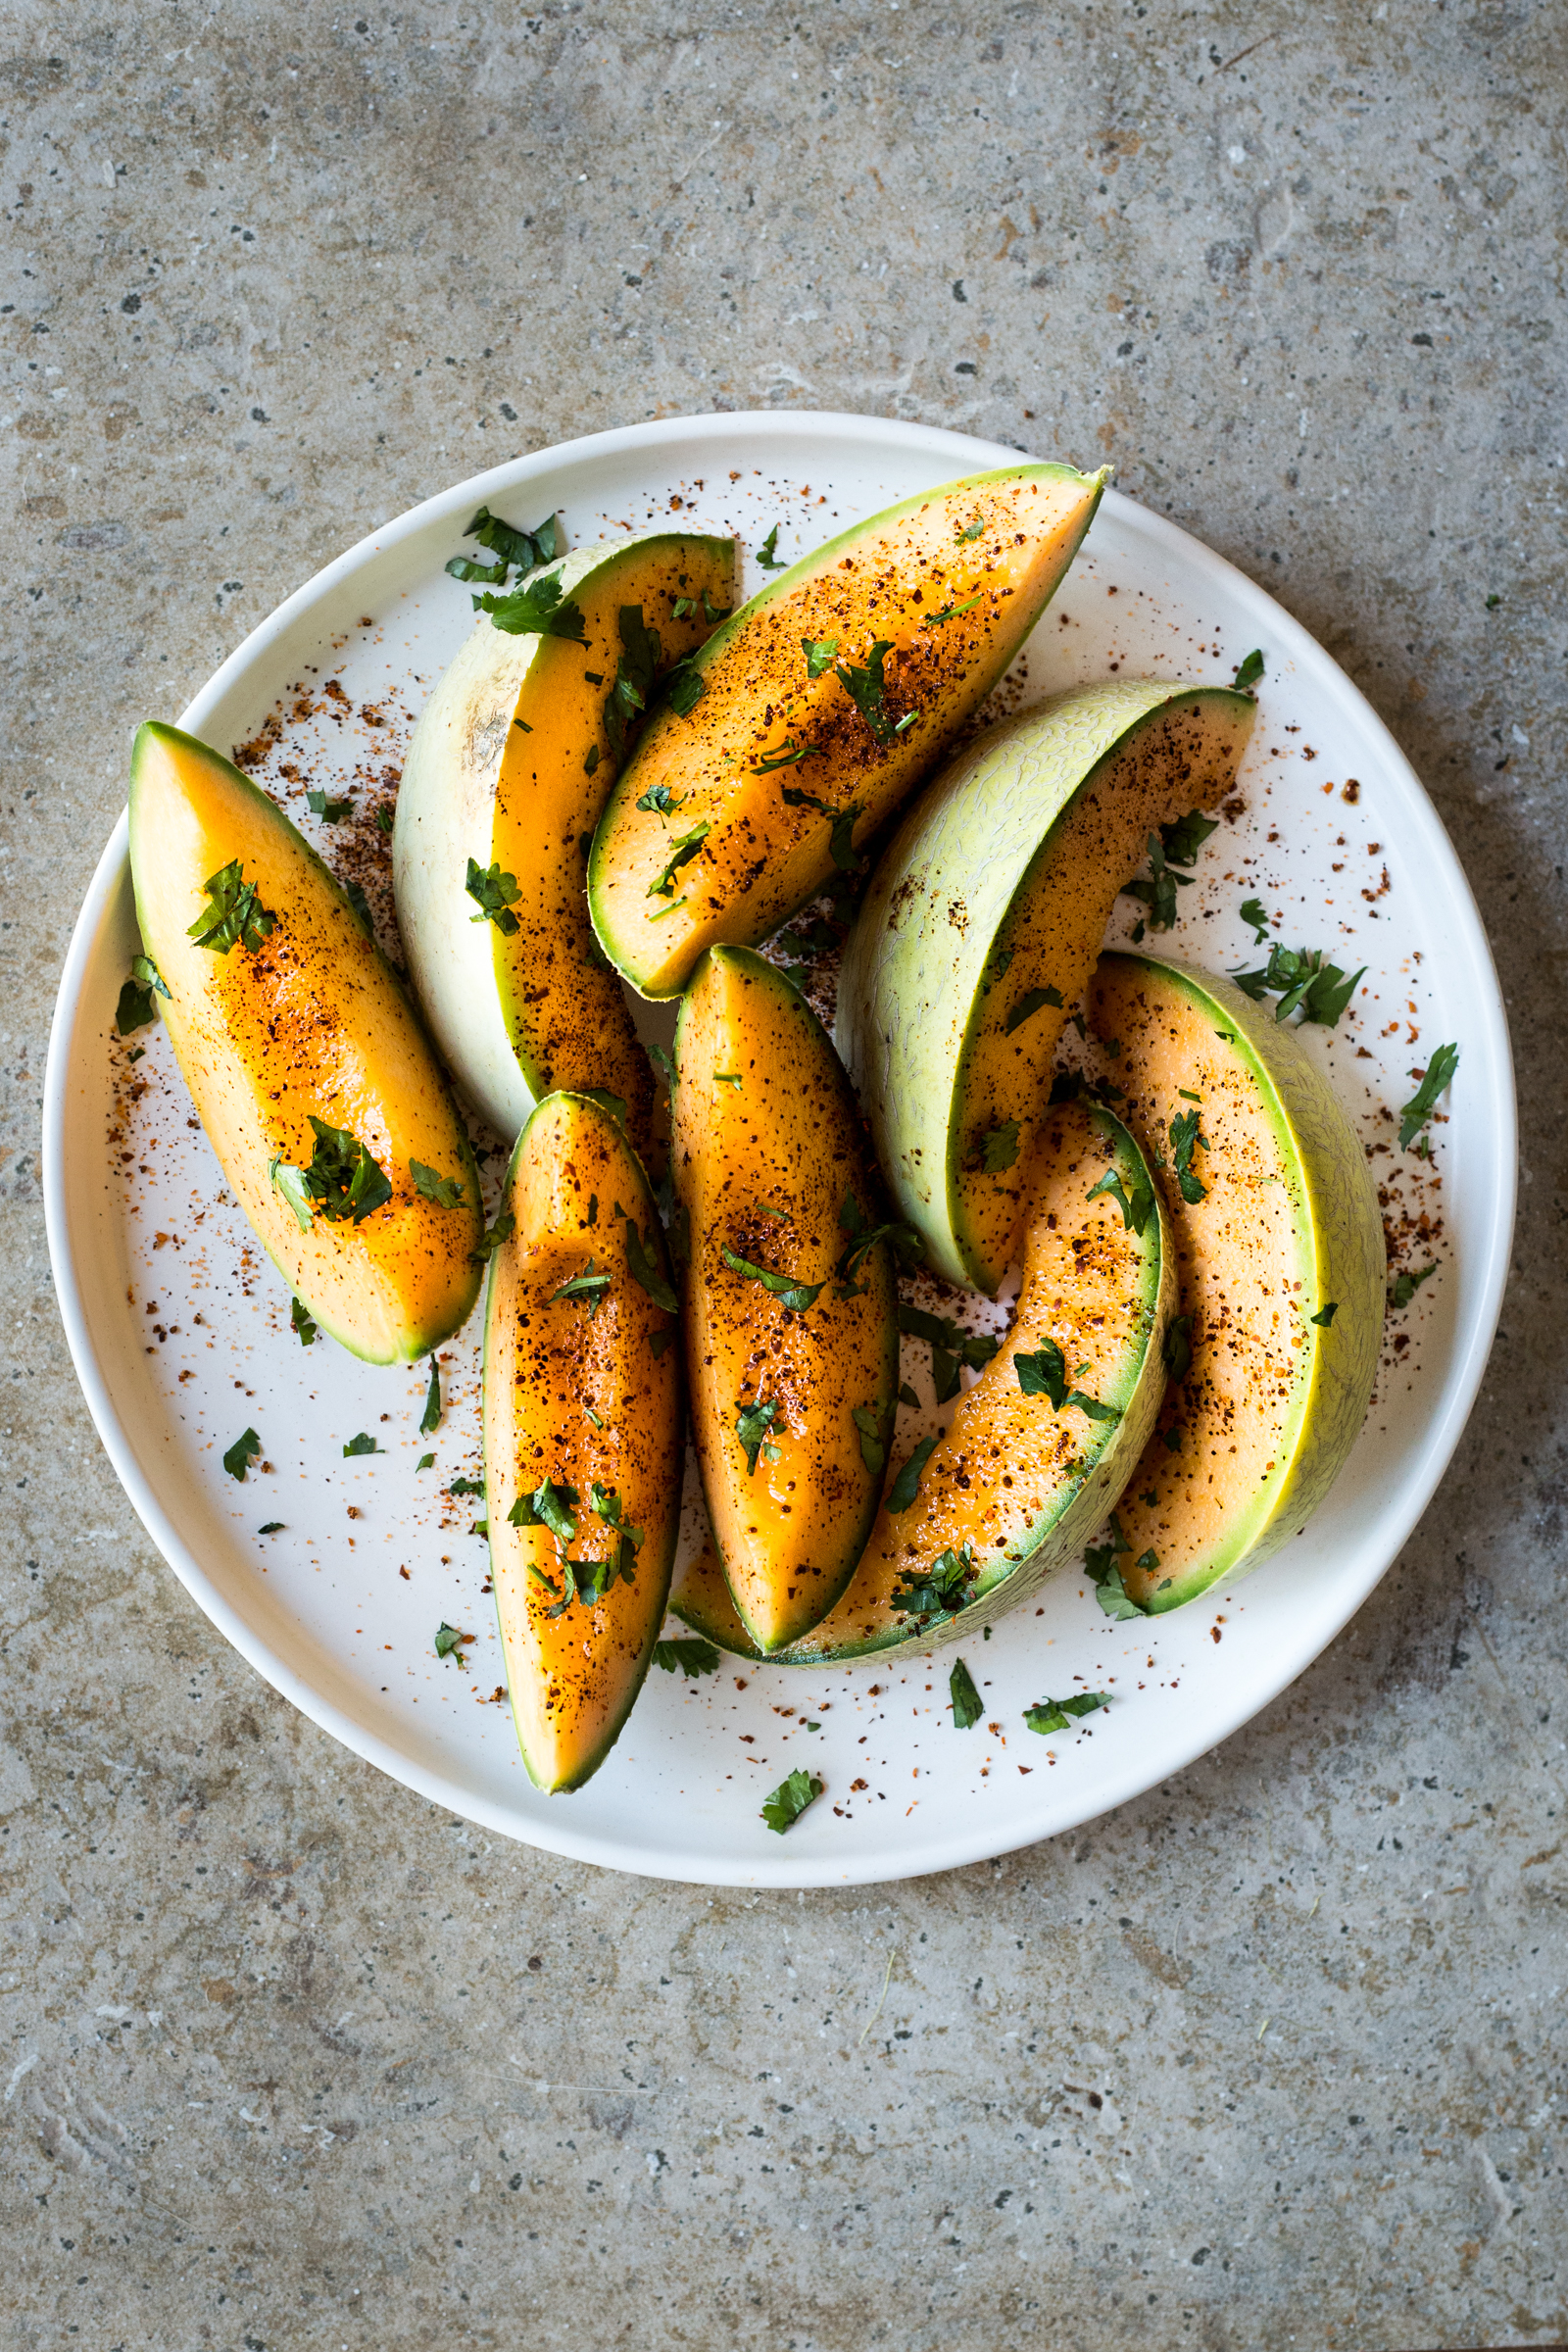 Chili-Lime Melon Salad